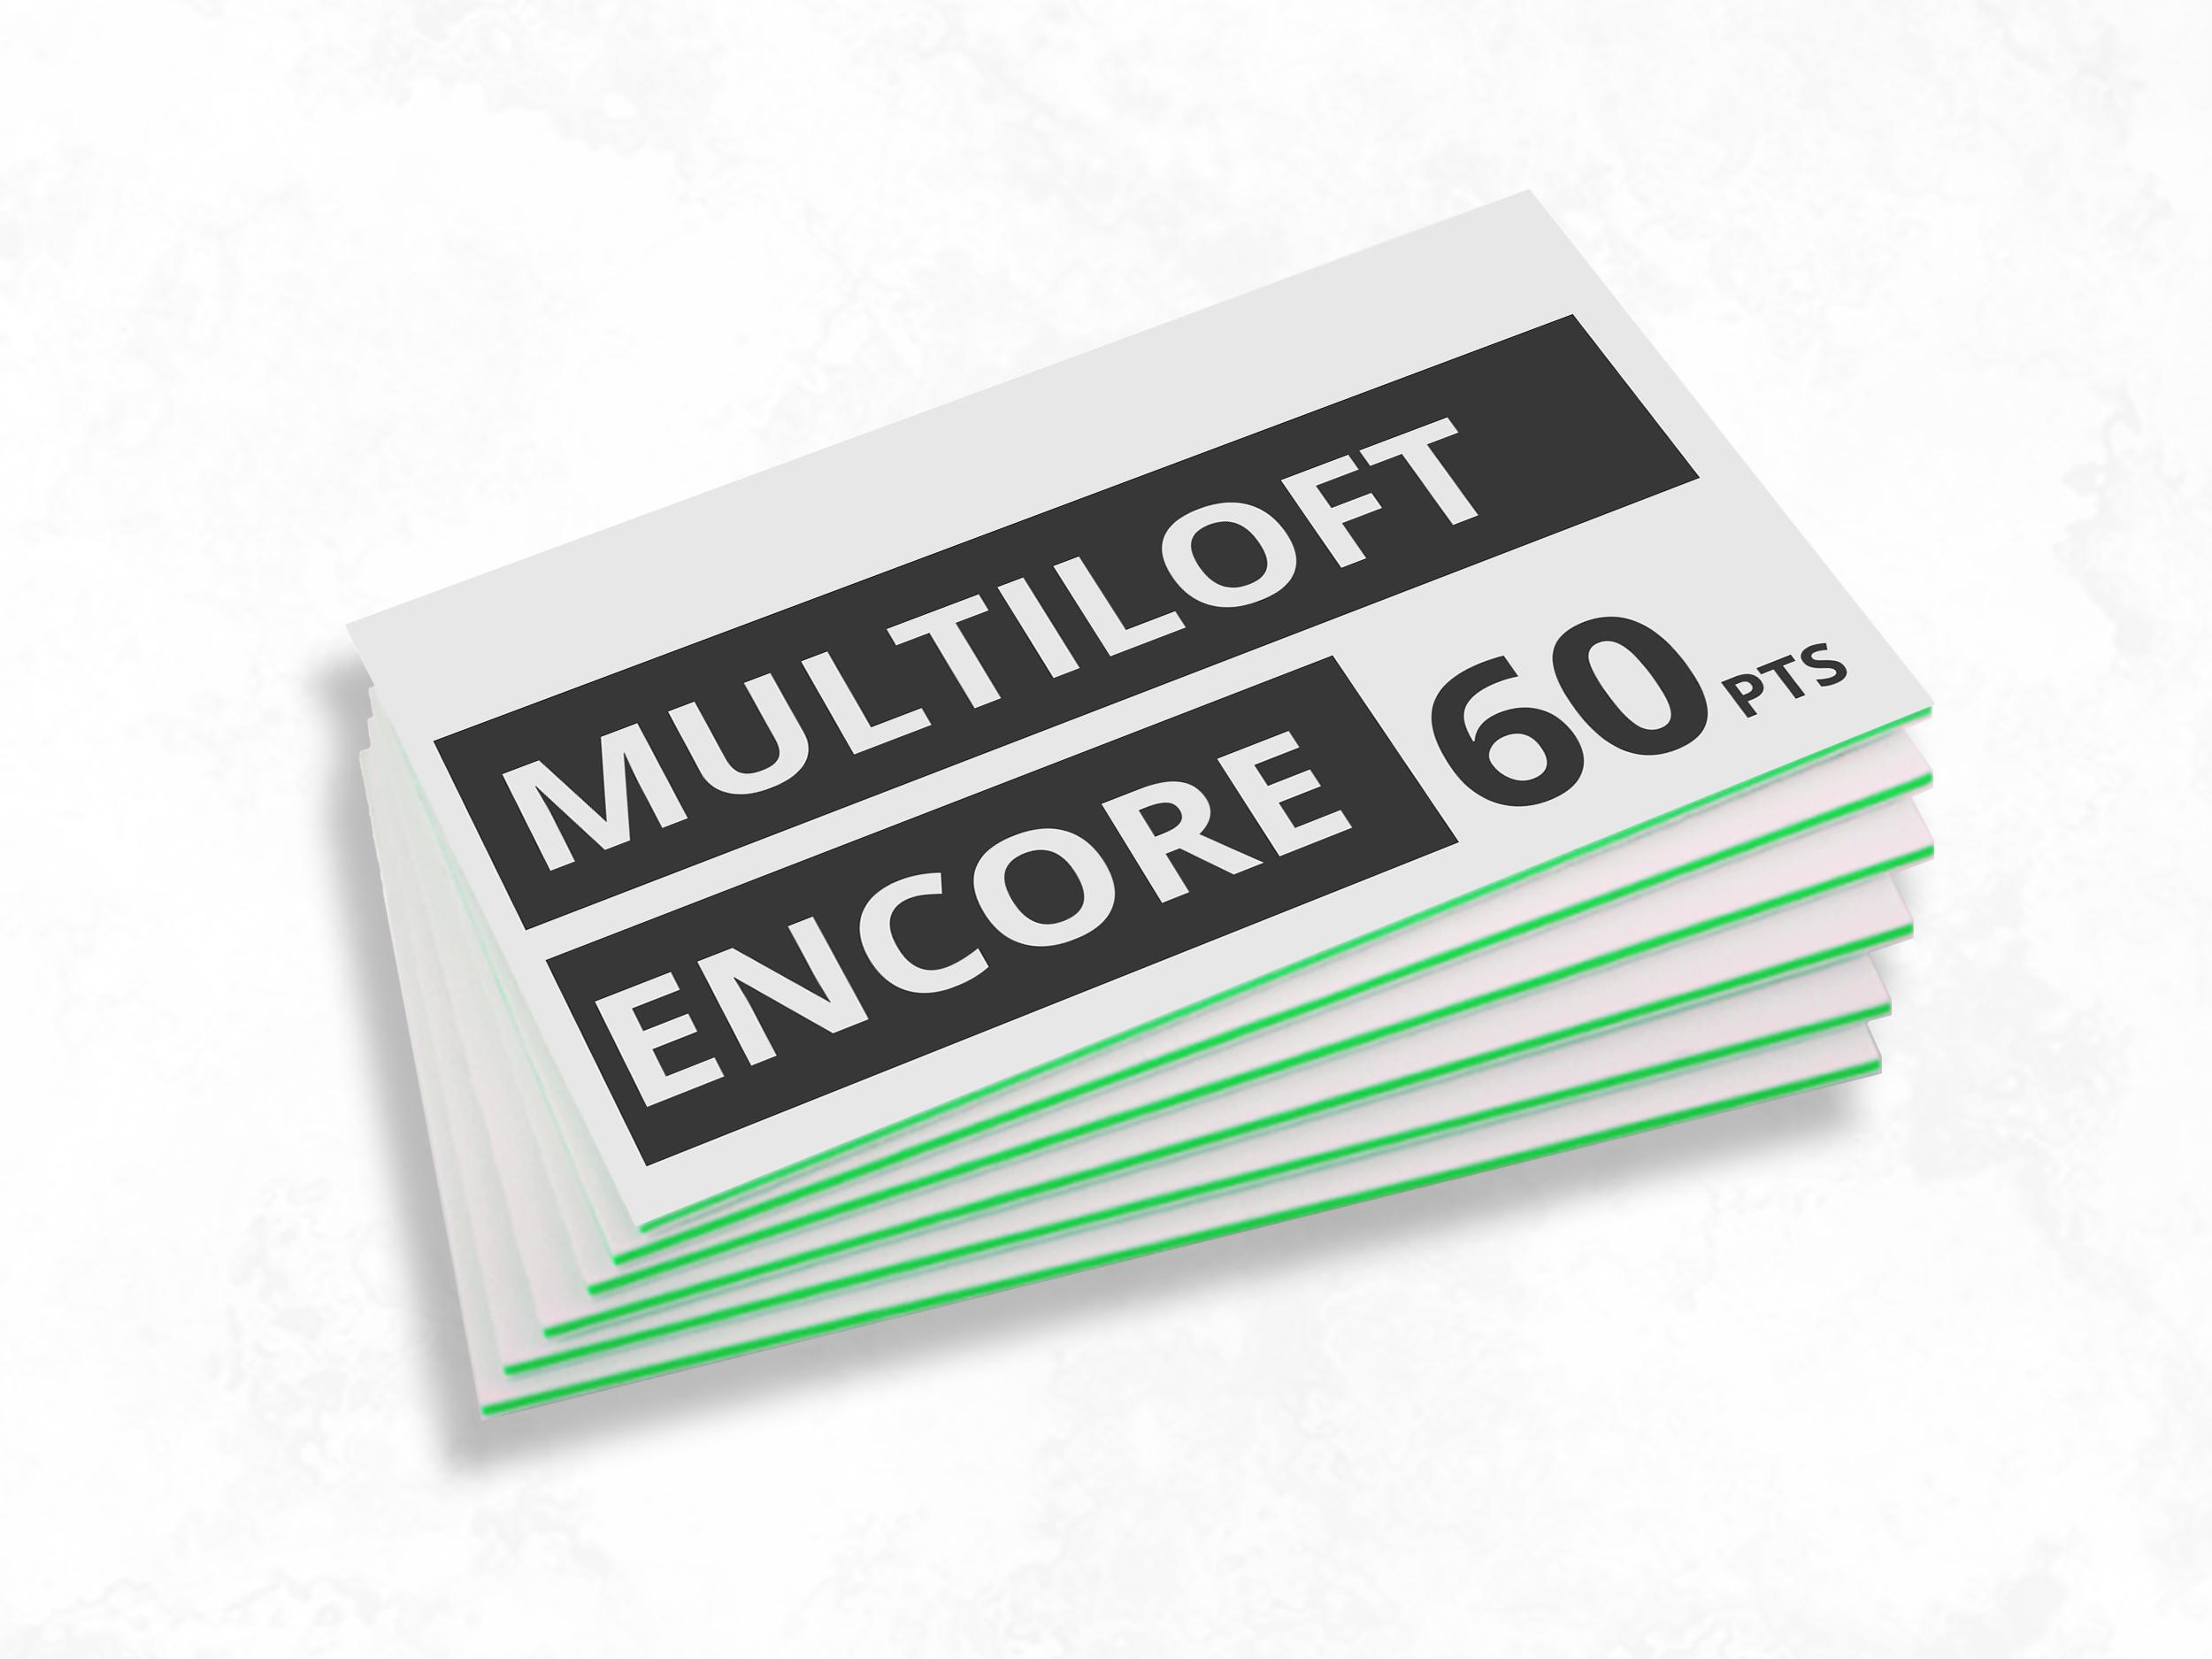 https://shop.copycatprint.com.au/images/products_gallery_images/Multiloft_60pt.jpg